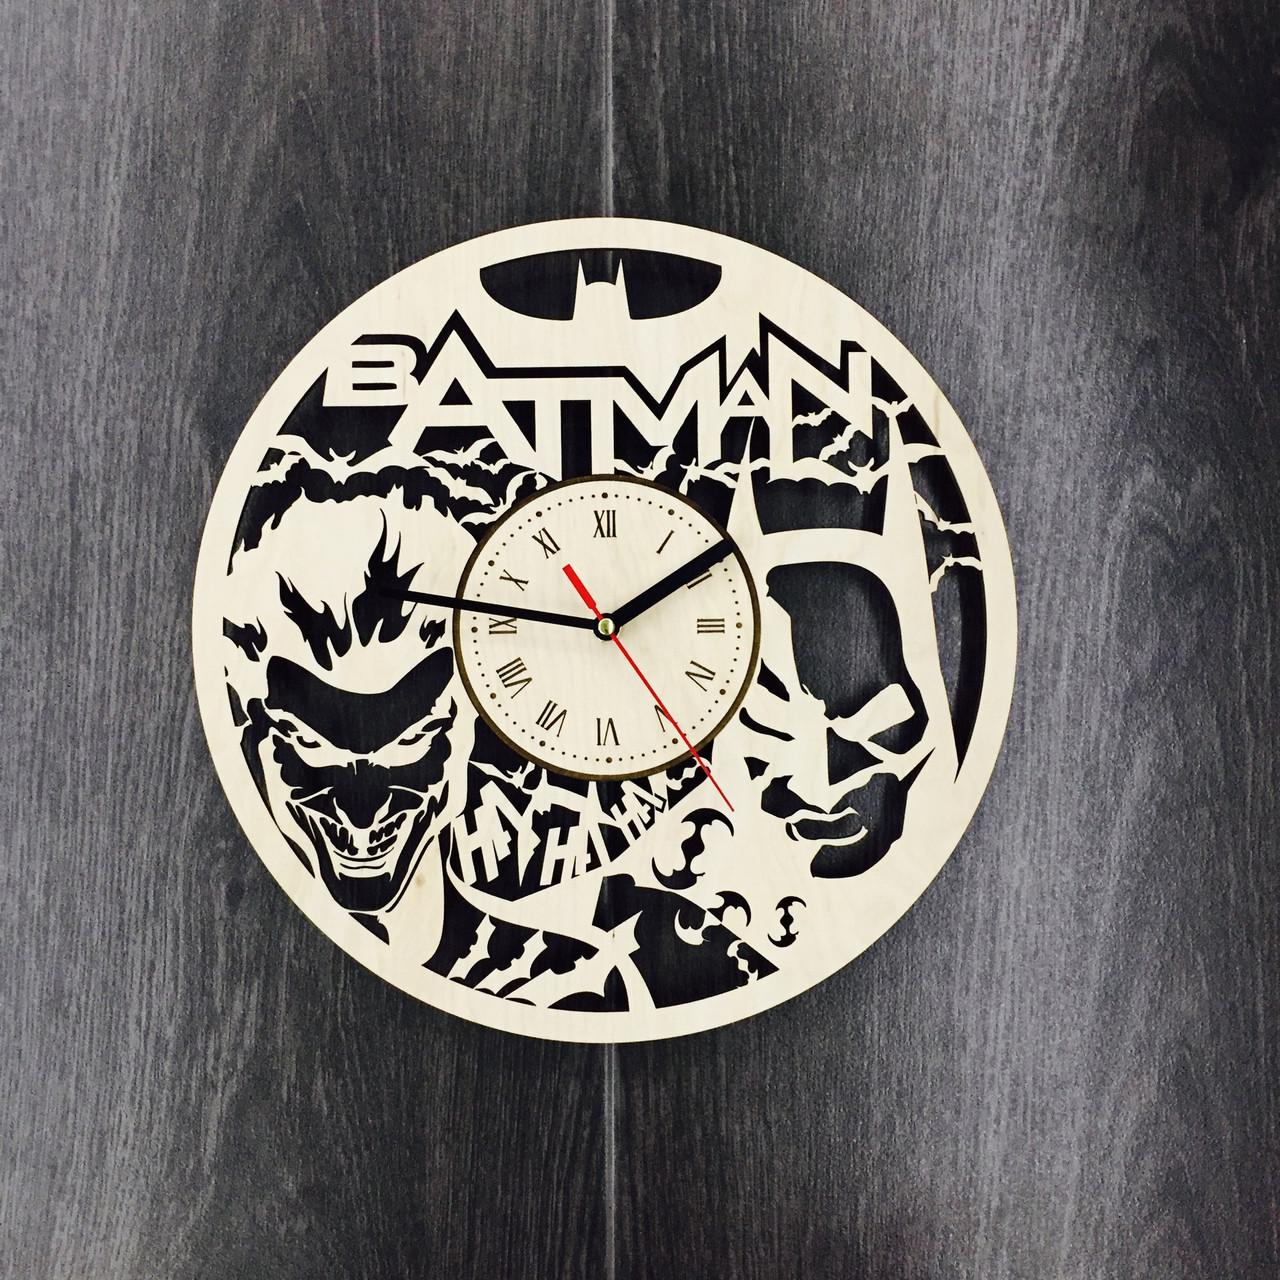 Безшумні настінні годинники 7Arts Batman CL-0051